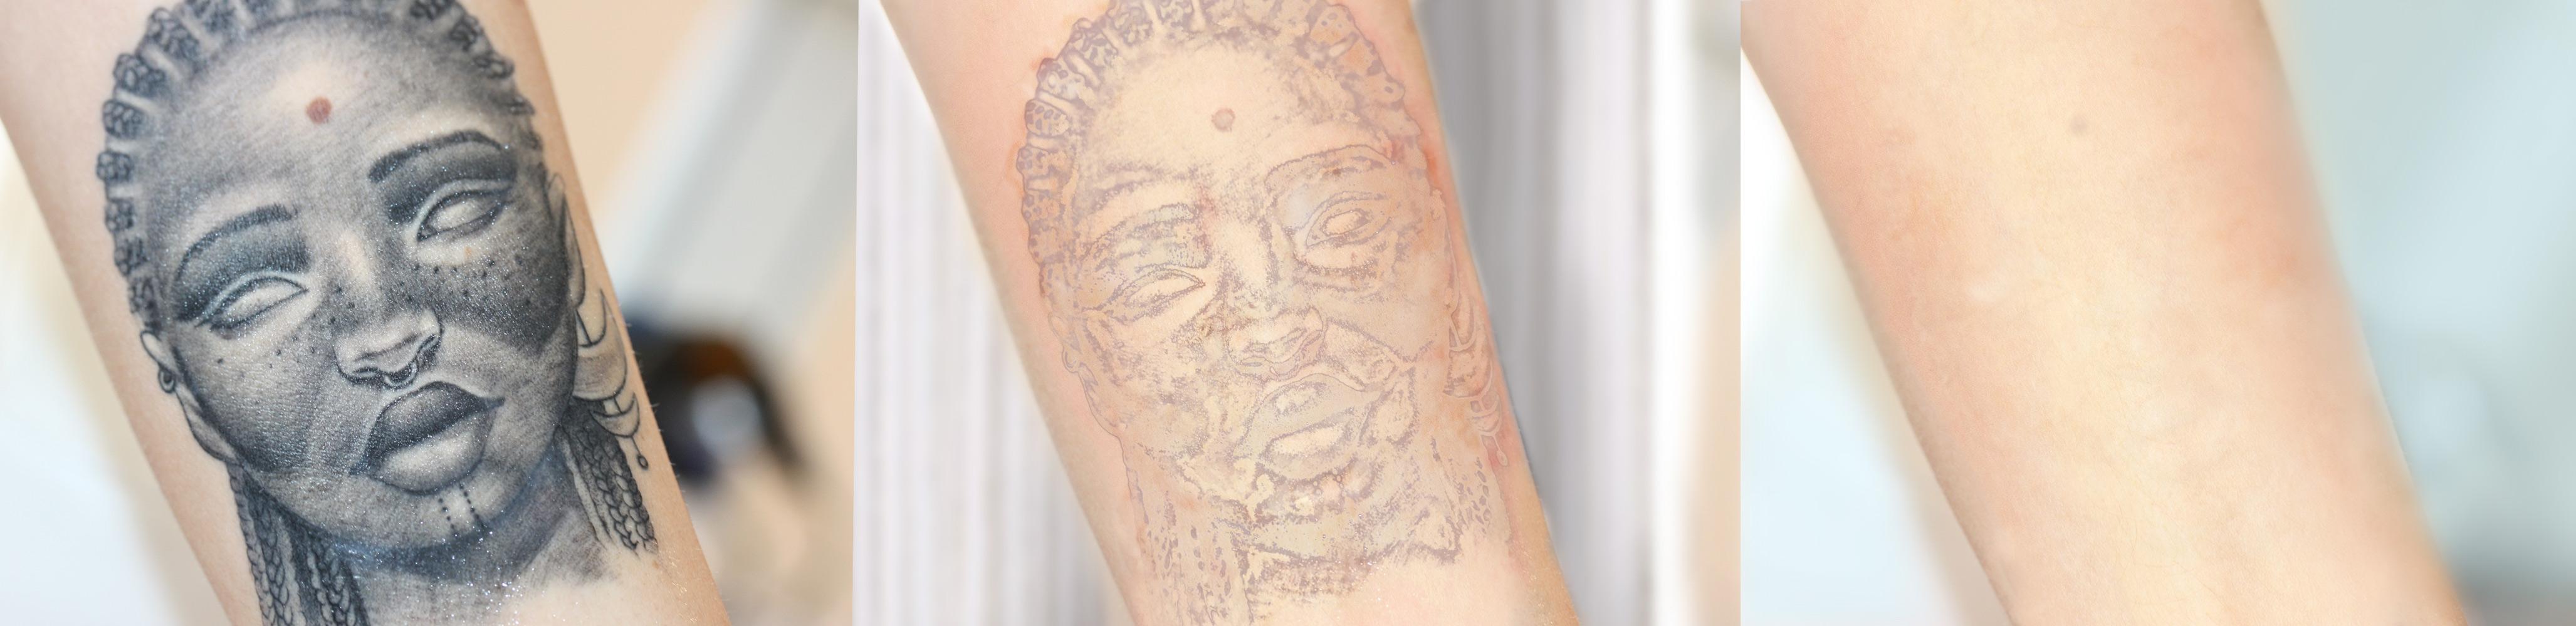 Vorher Nacher Vergleich Tattooentfernung